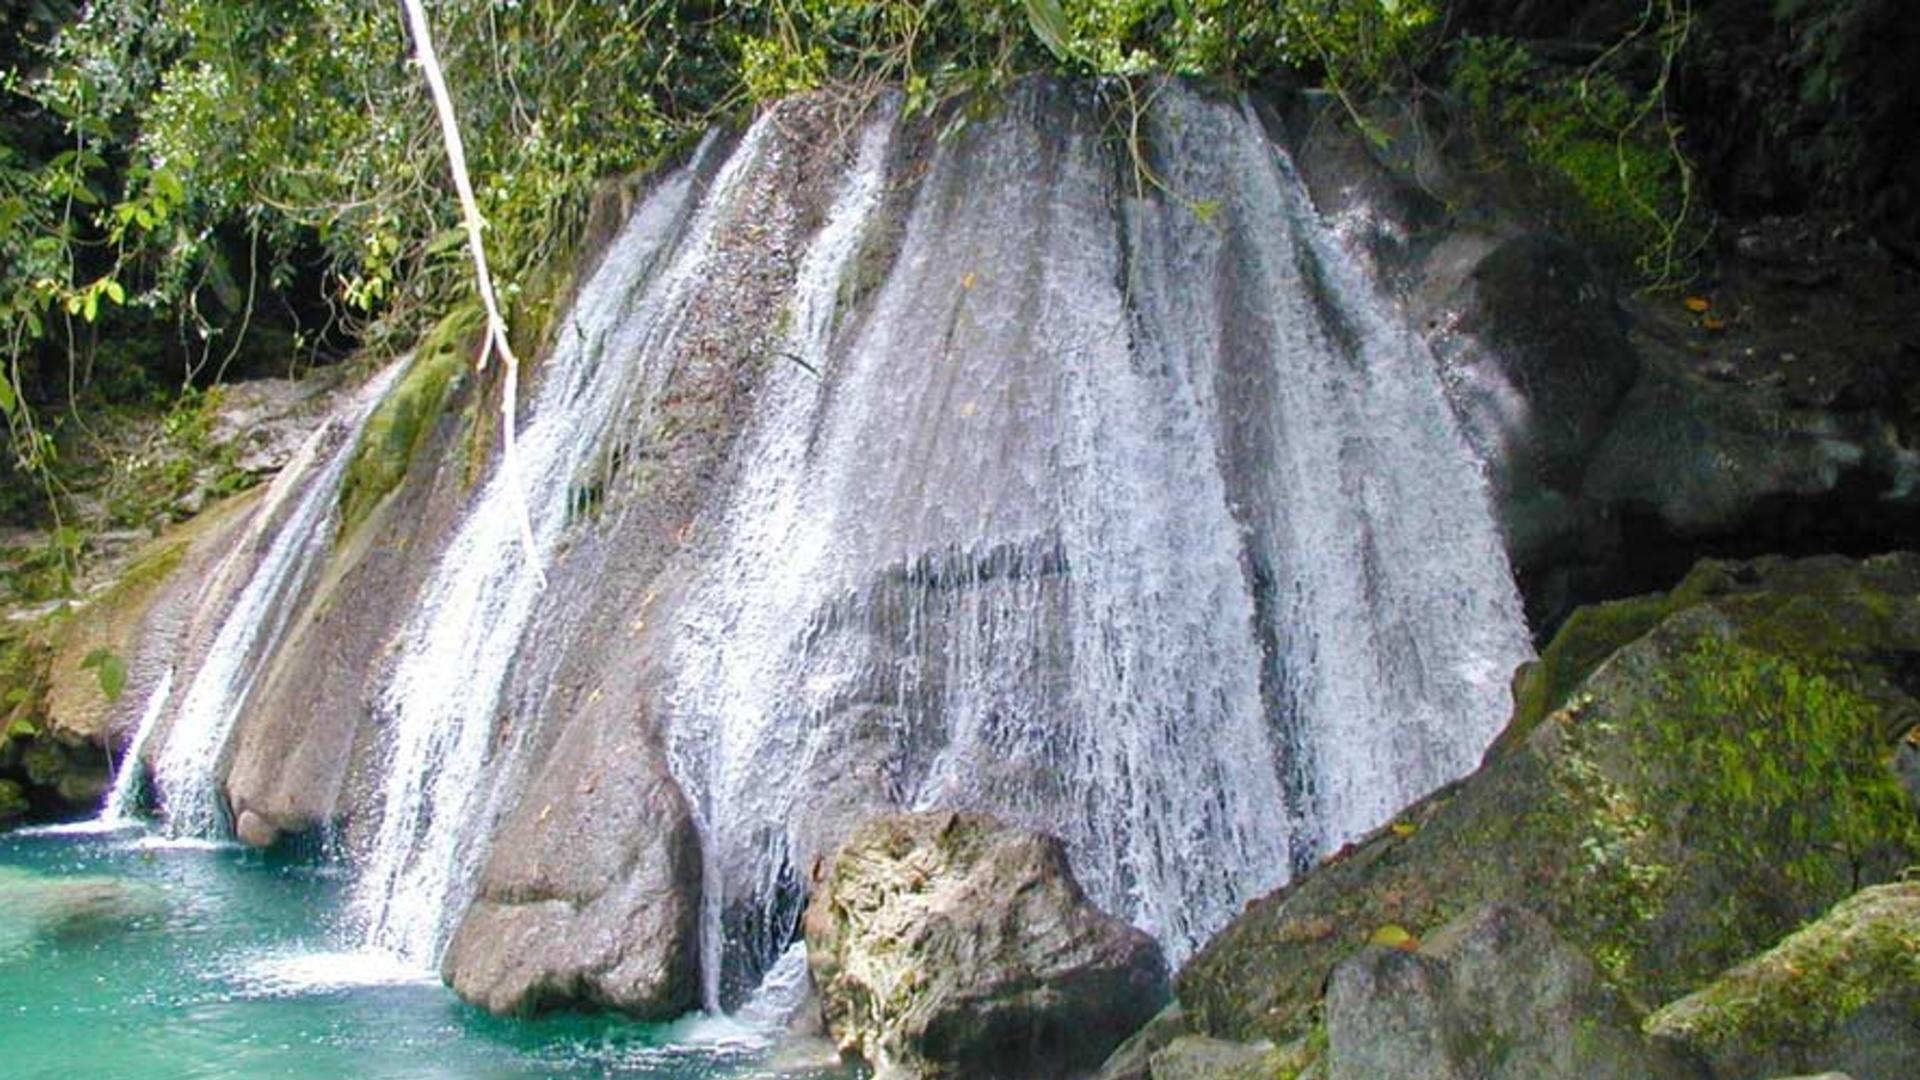 Reach Falls